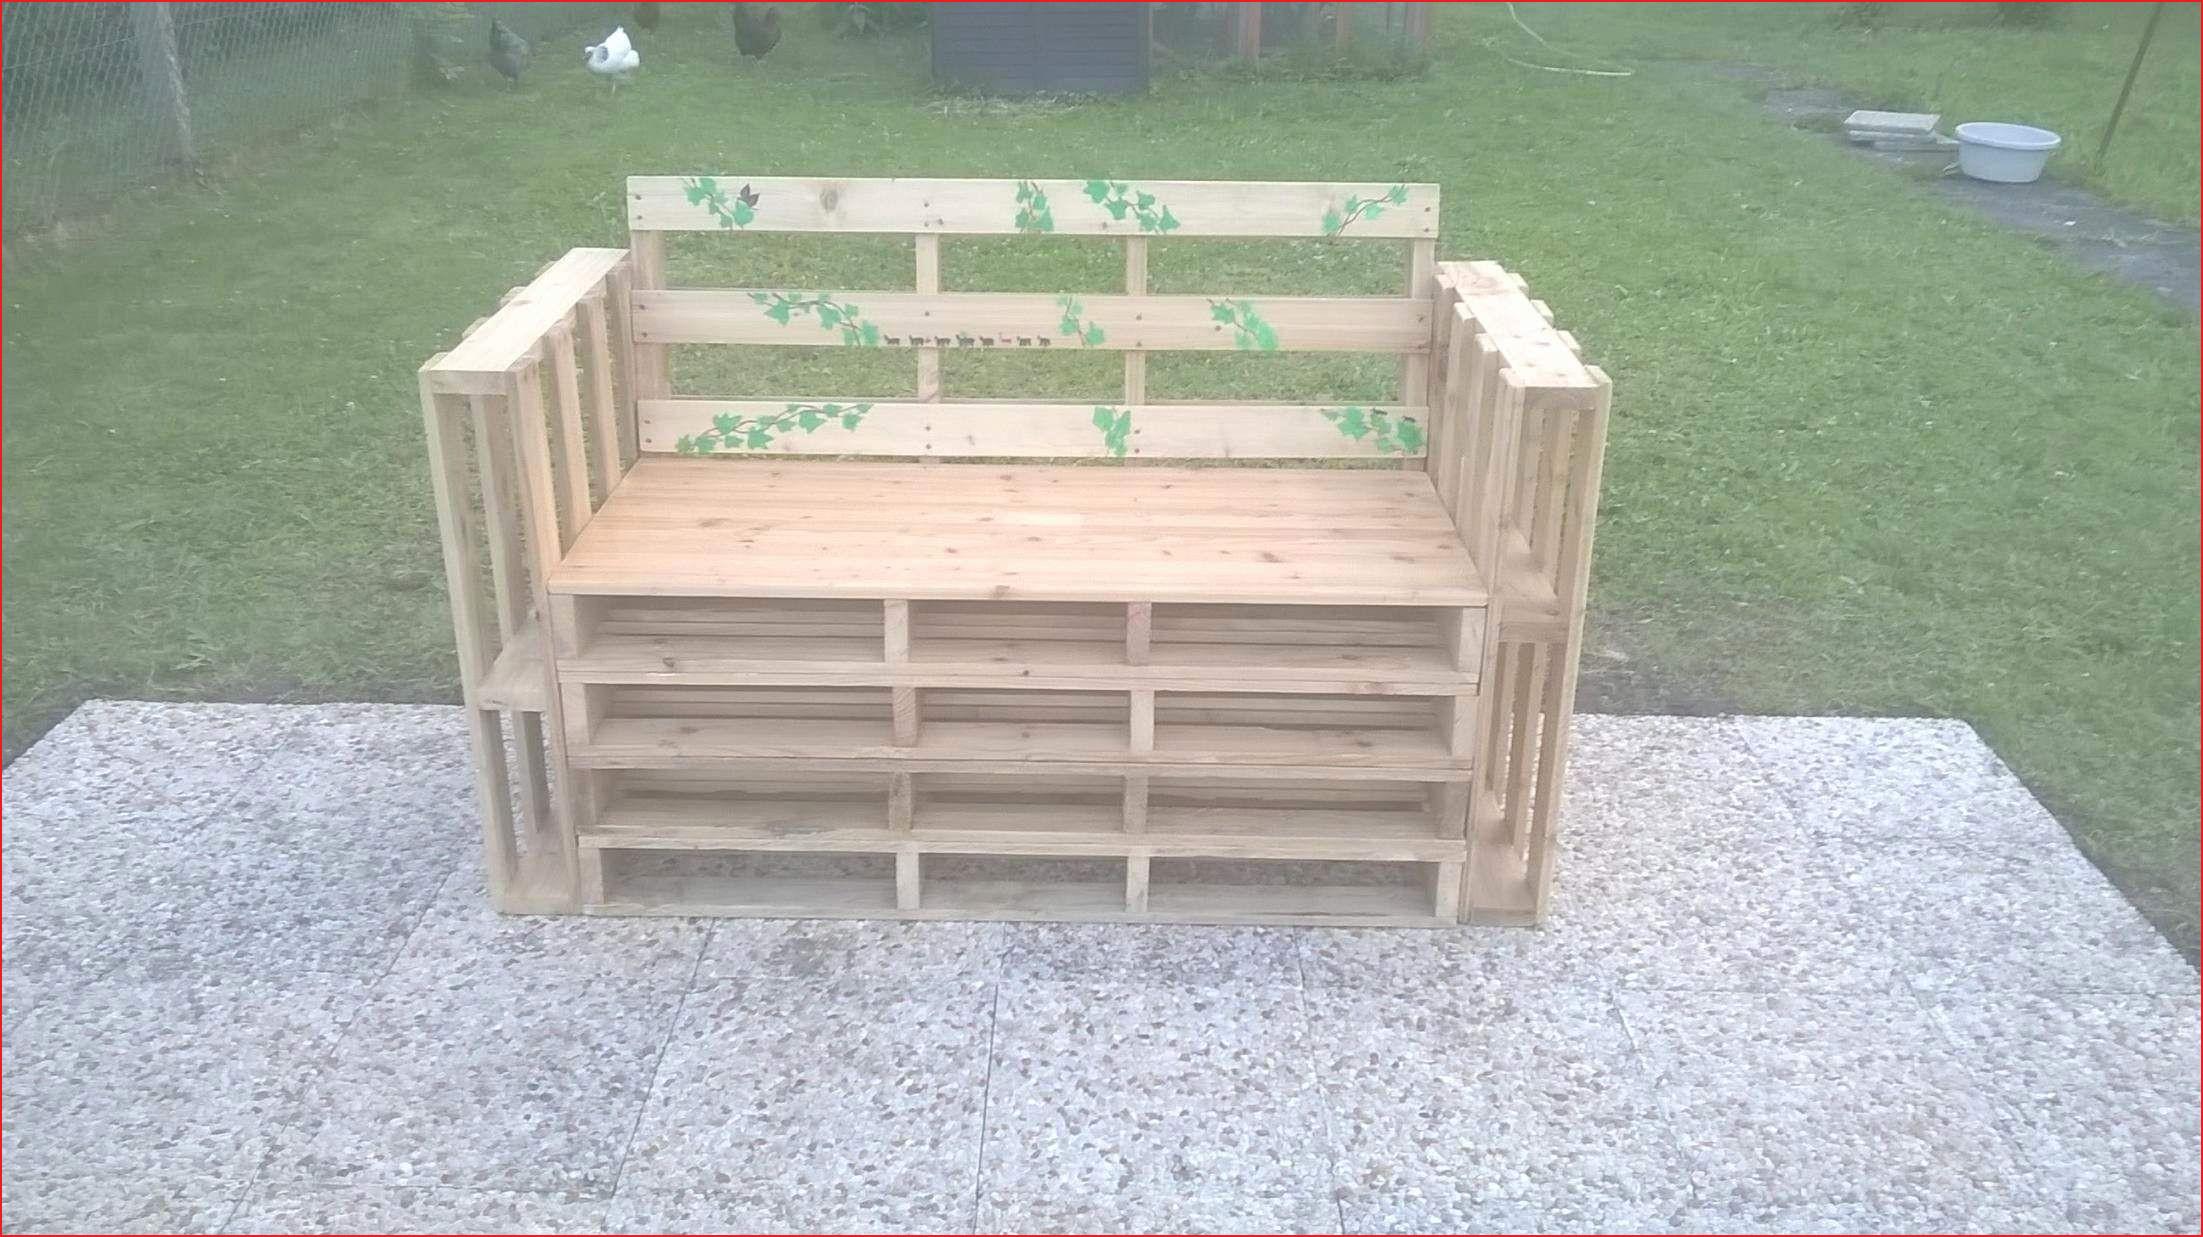 Table De Jardin En Teck Élégant Innovante Banc Pour Jardin Image De Jardin Décoratif